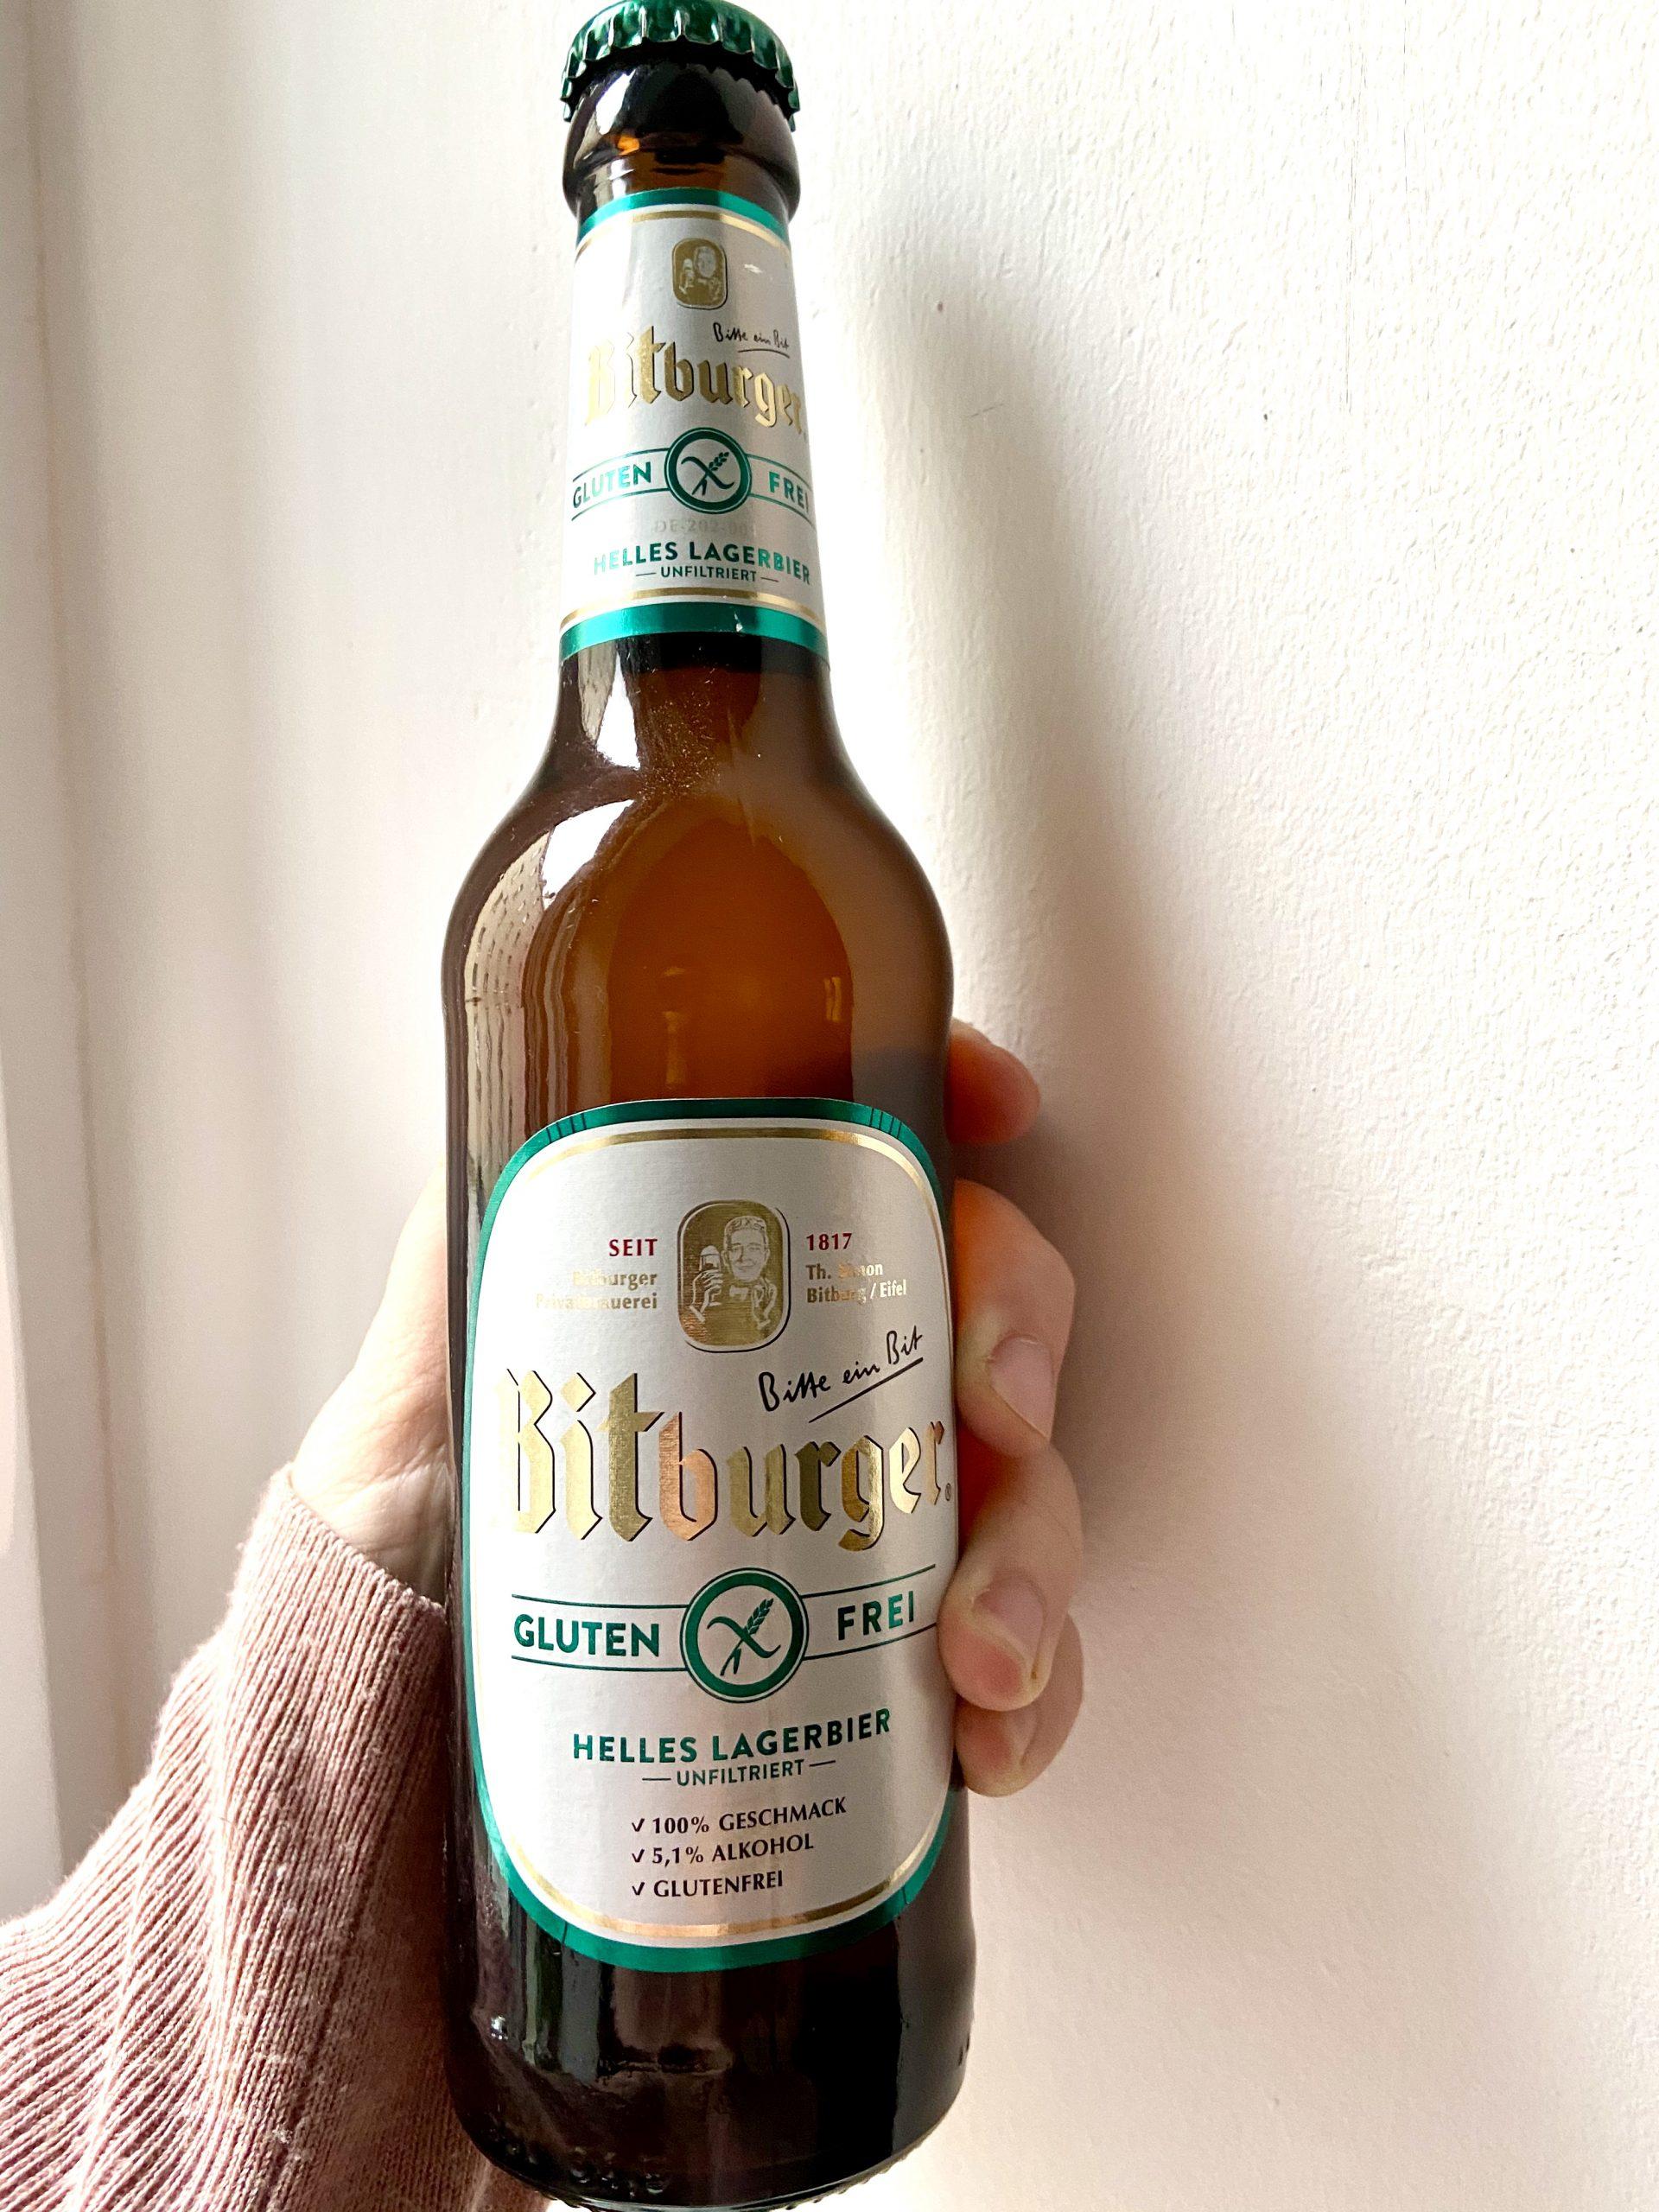 Das glutenfreie Bier von Bitburger